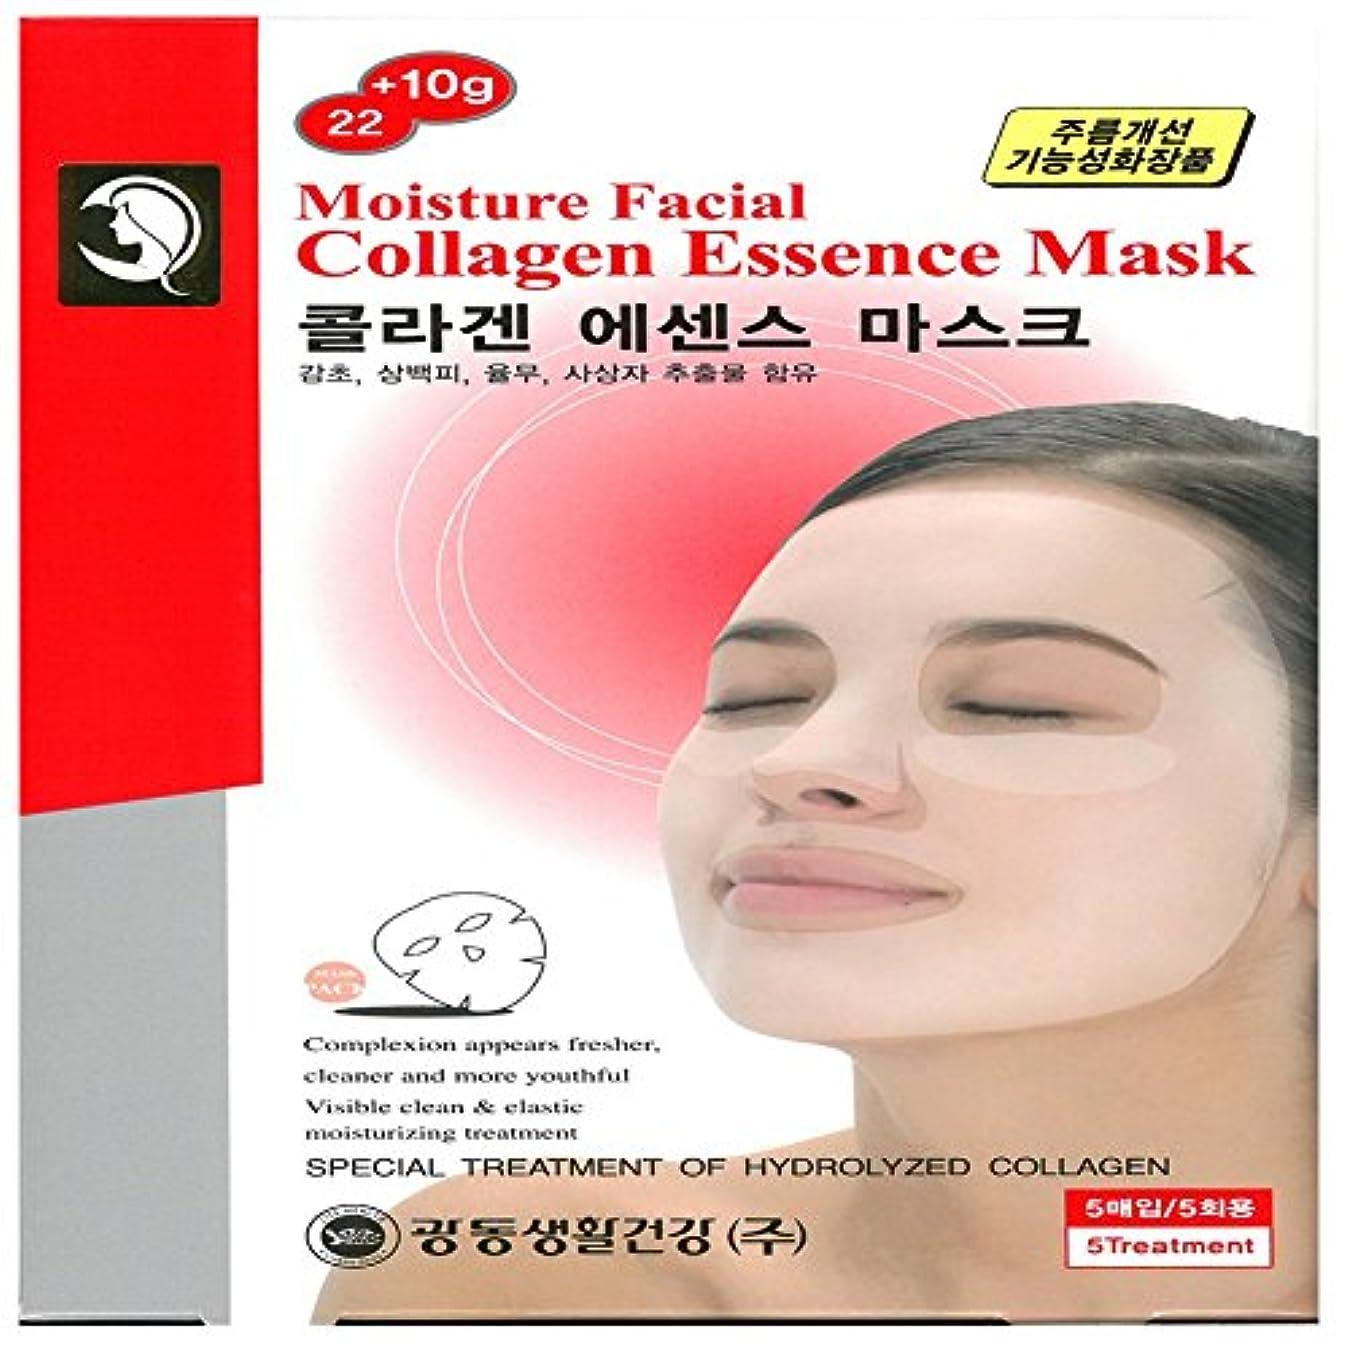 どっちトロイの木馬ジャンプ[光東] kwangdong モイスチャーフェイシャルコラーゲンエッセンスマスク Moisture Facial Collagen Essence Mask 32gX5ea (海外直送品) [並行輸入品]